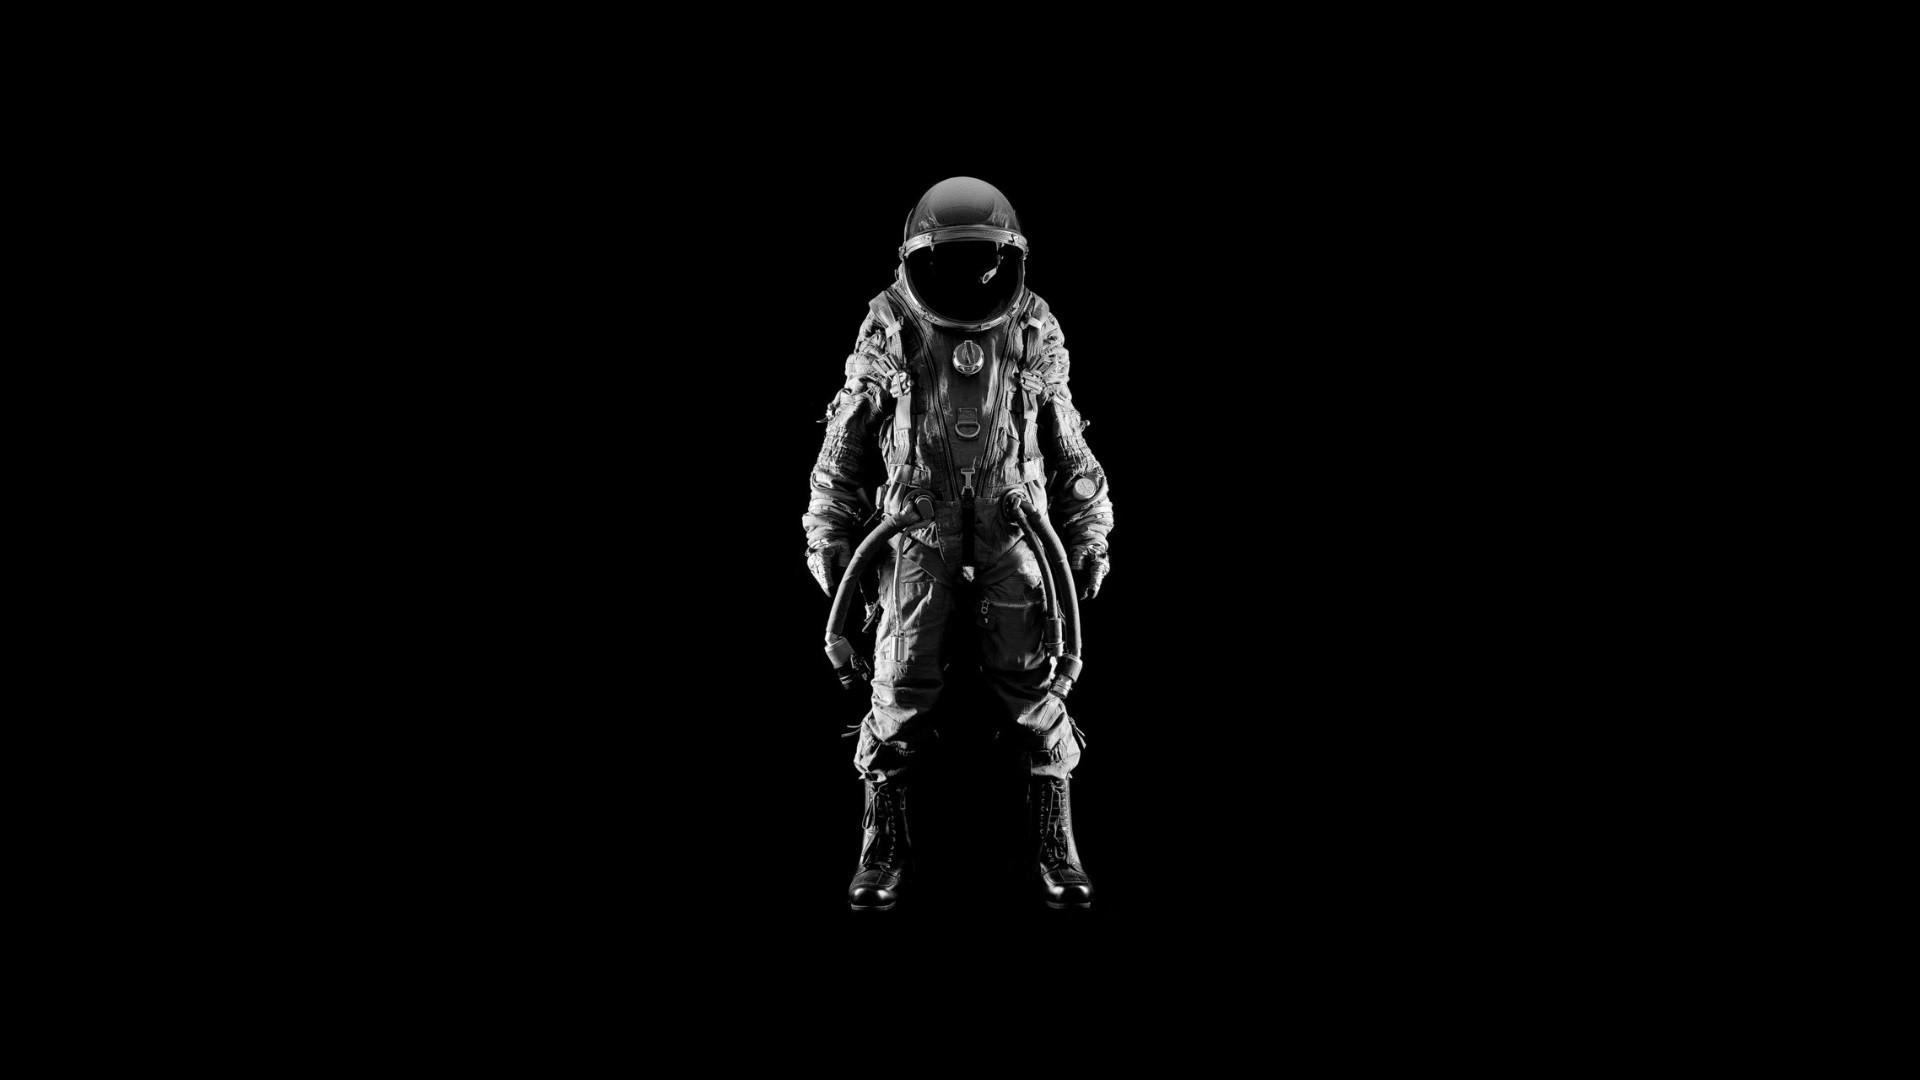 Men suit helmets simple background black astronaut wallpaper